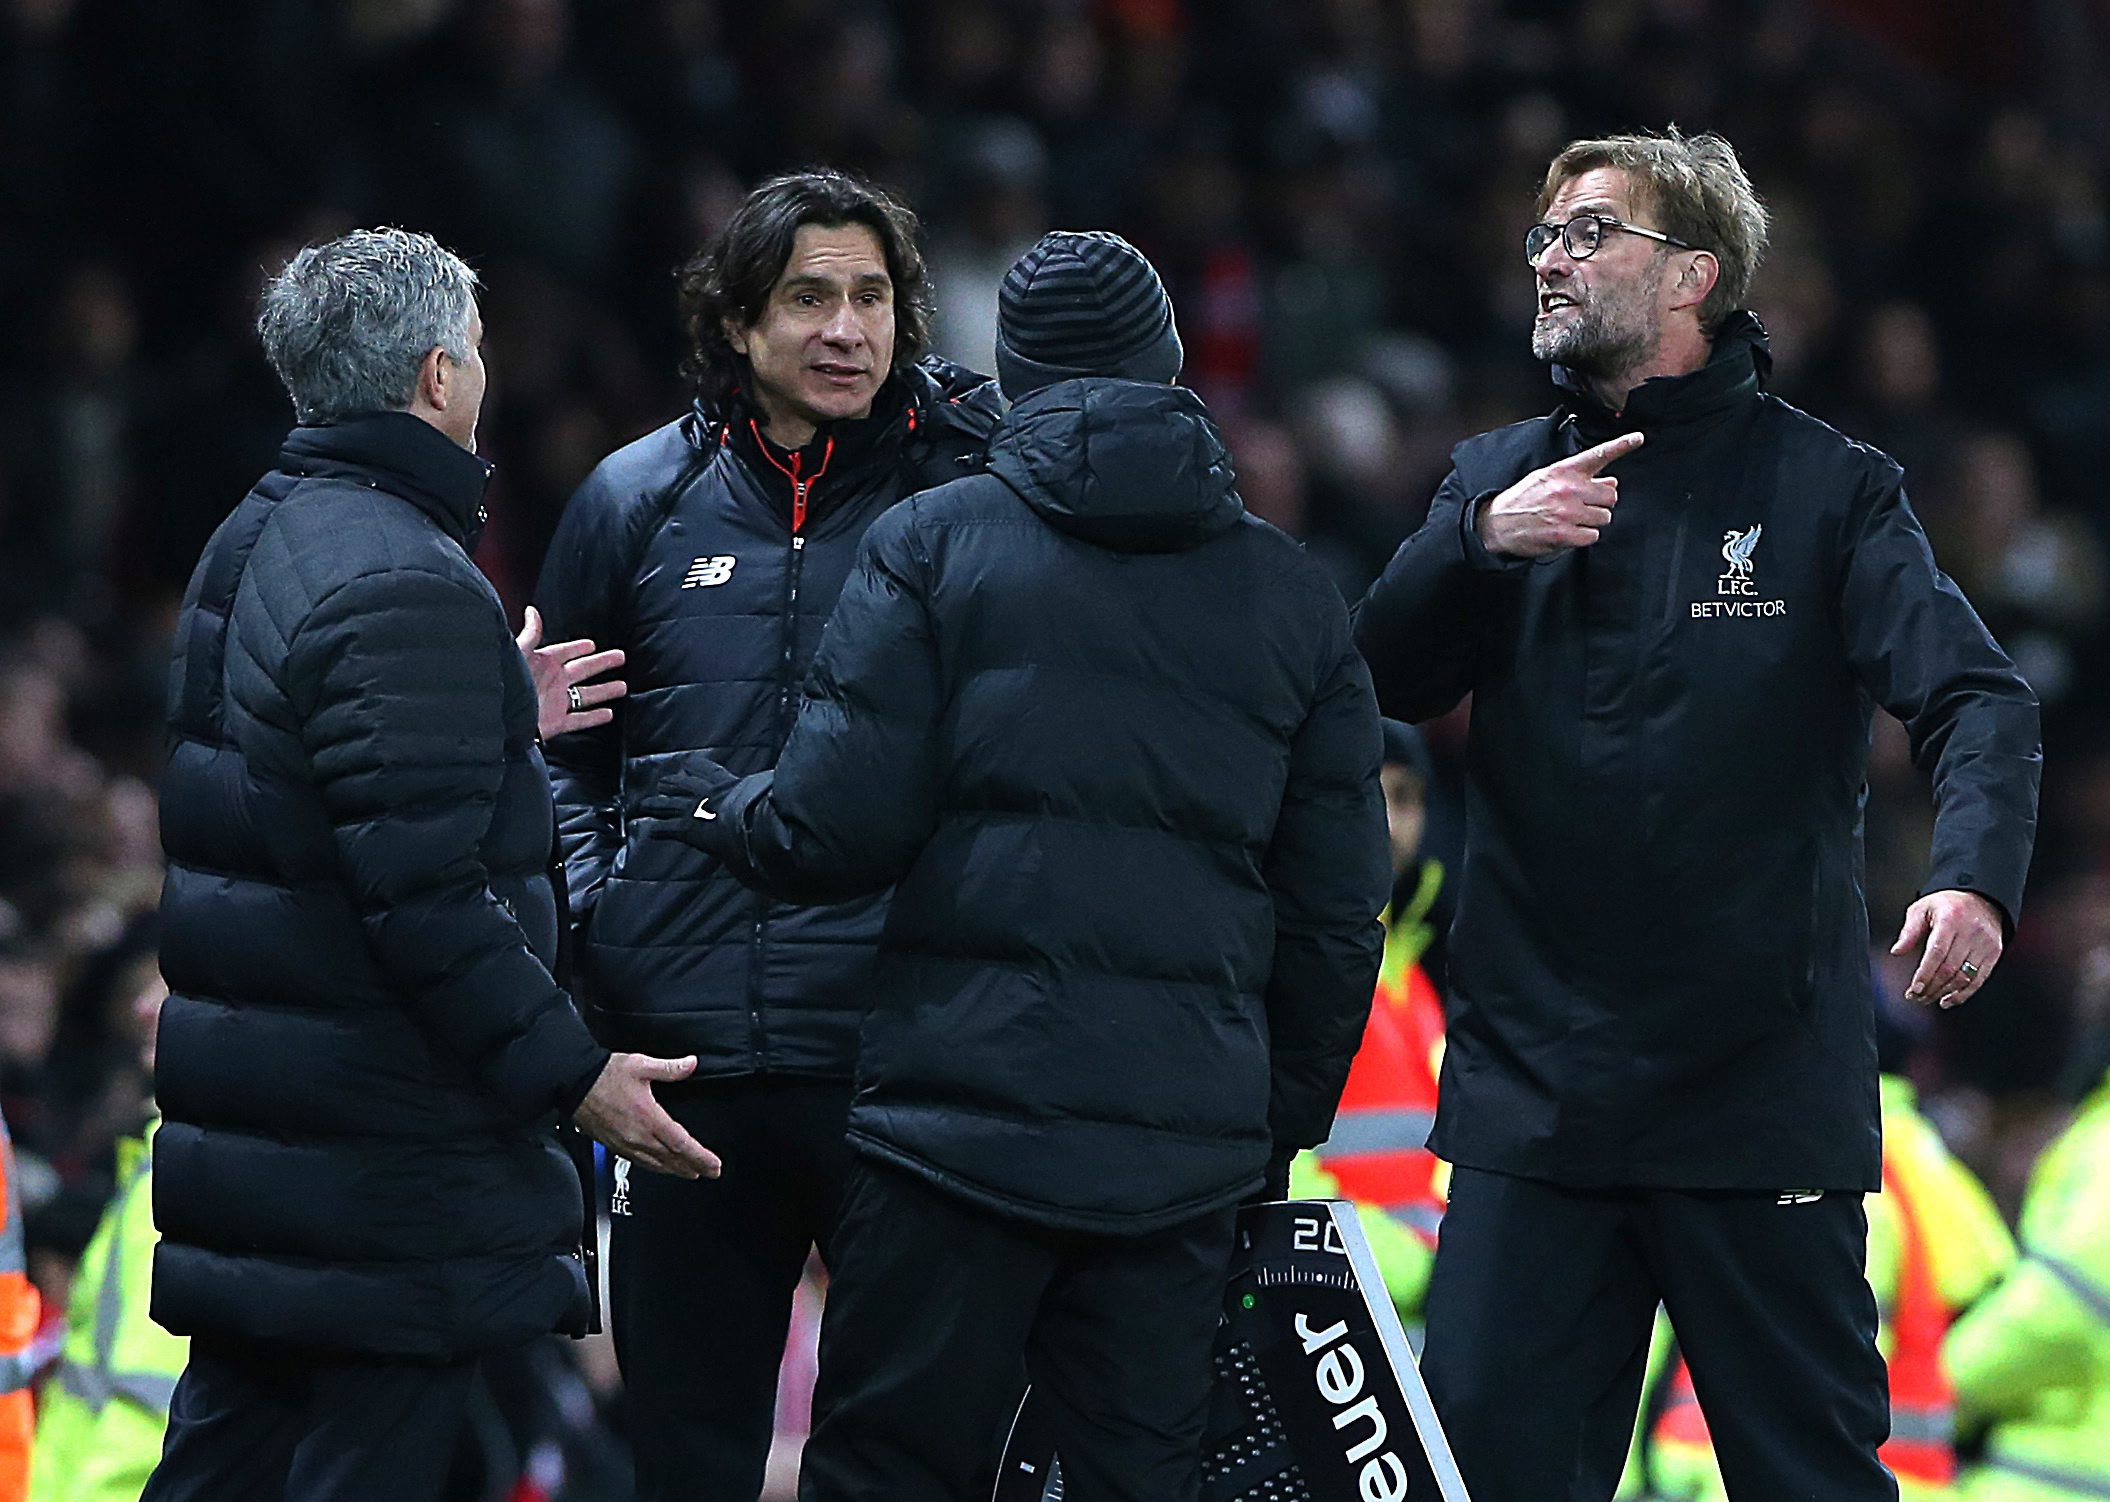 """Mourinho critica Liverpool, Klopp deixa-o sem resposta: """"Estou a par das críticas mas desligamos"""""""